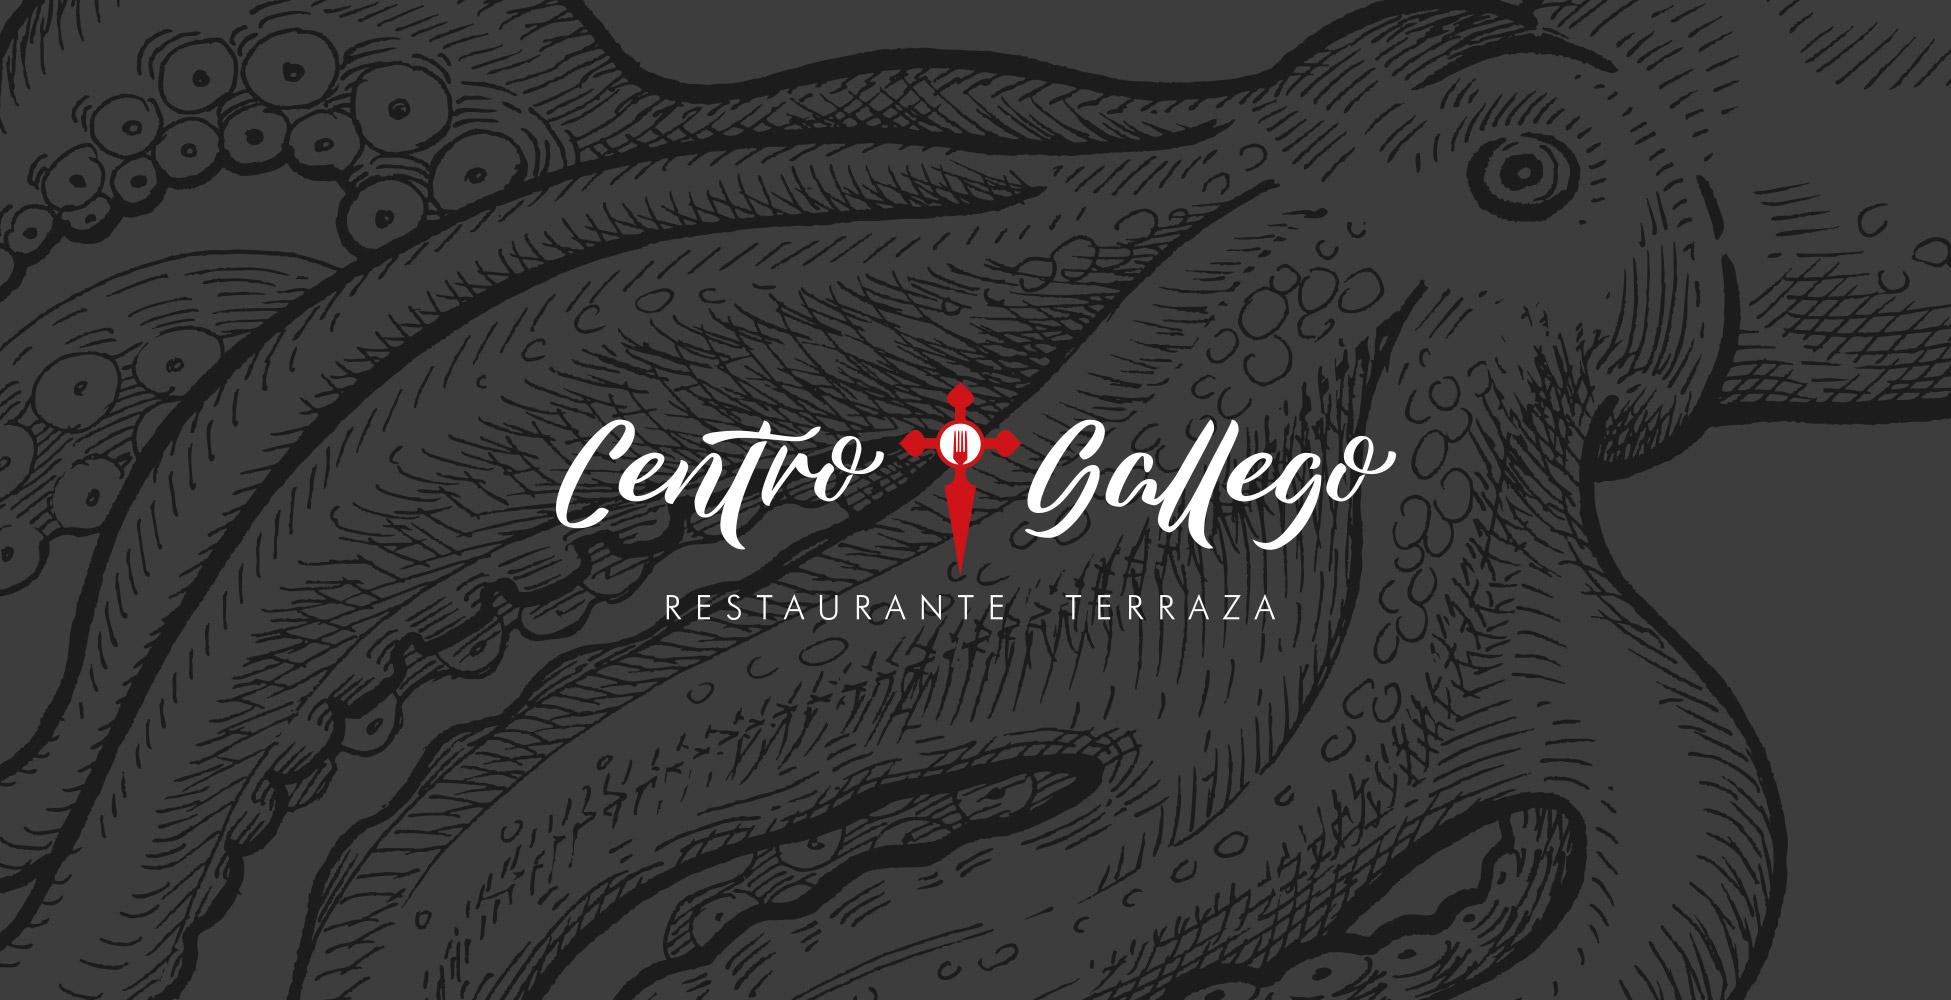 Centro Gallego Restaurante Terraza Branding Fans Marketing MÁLAGA